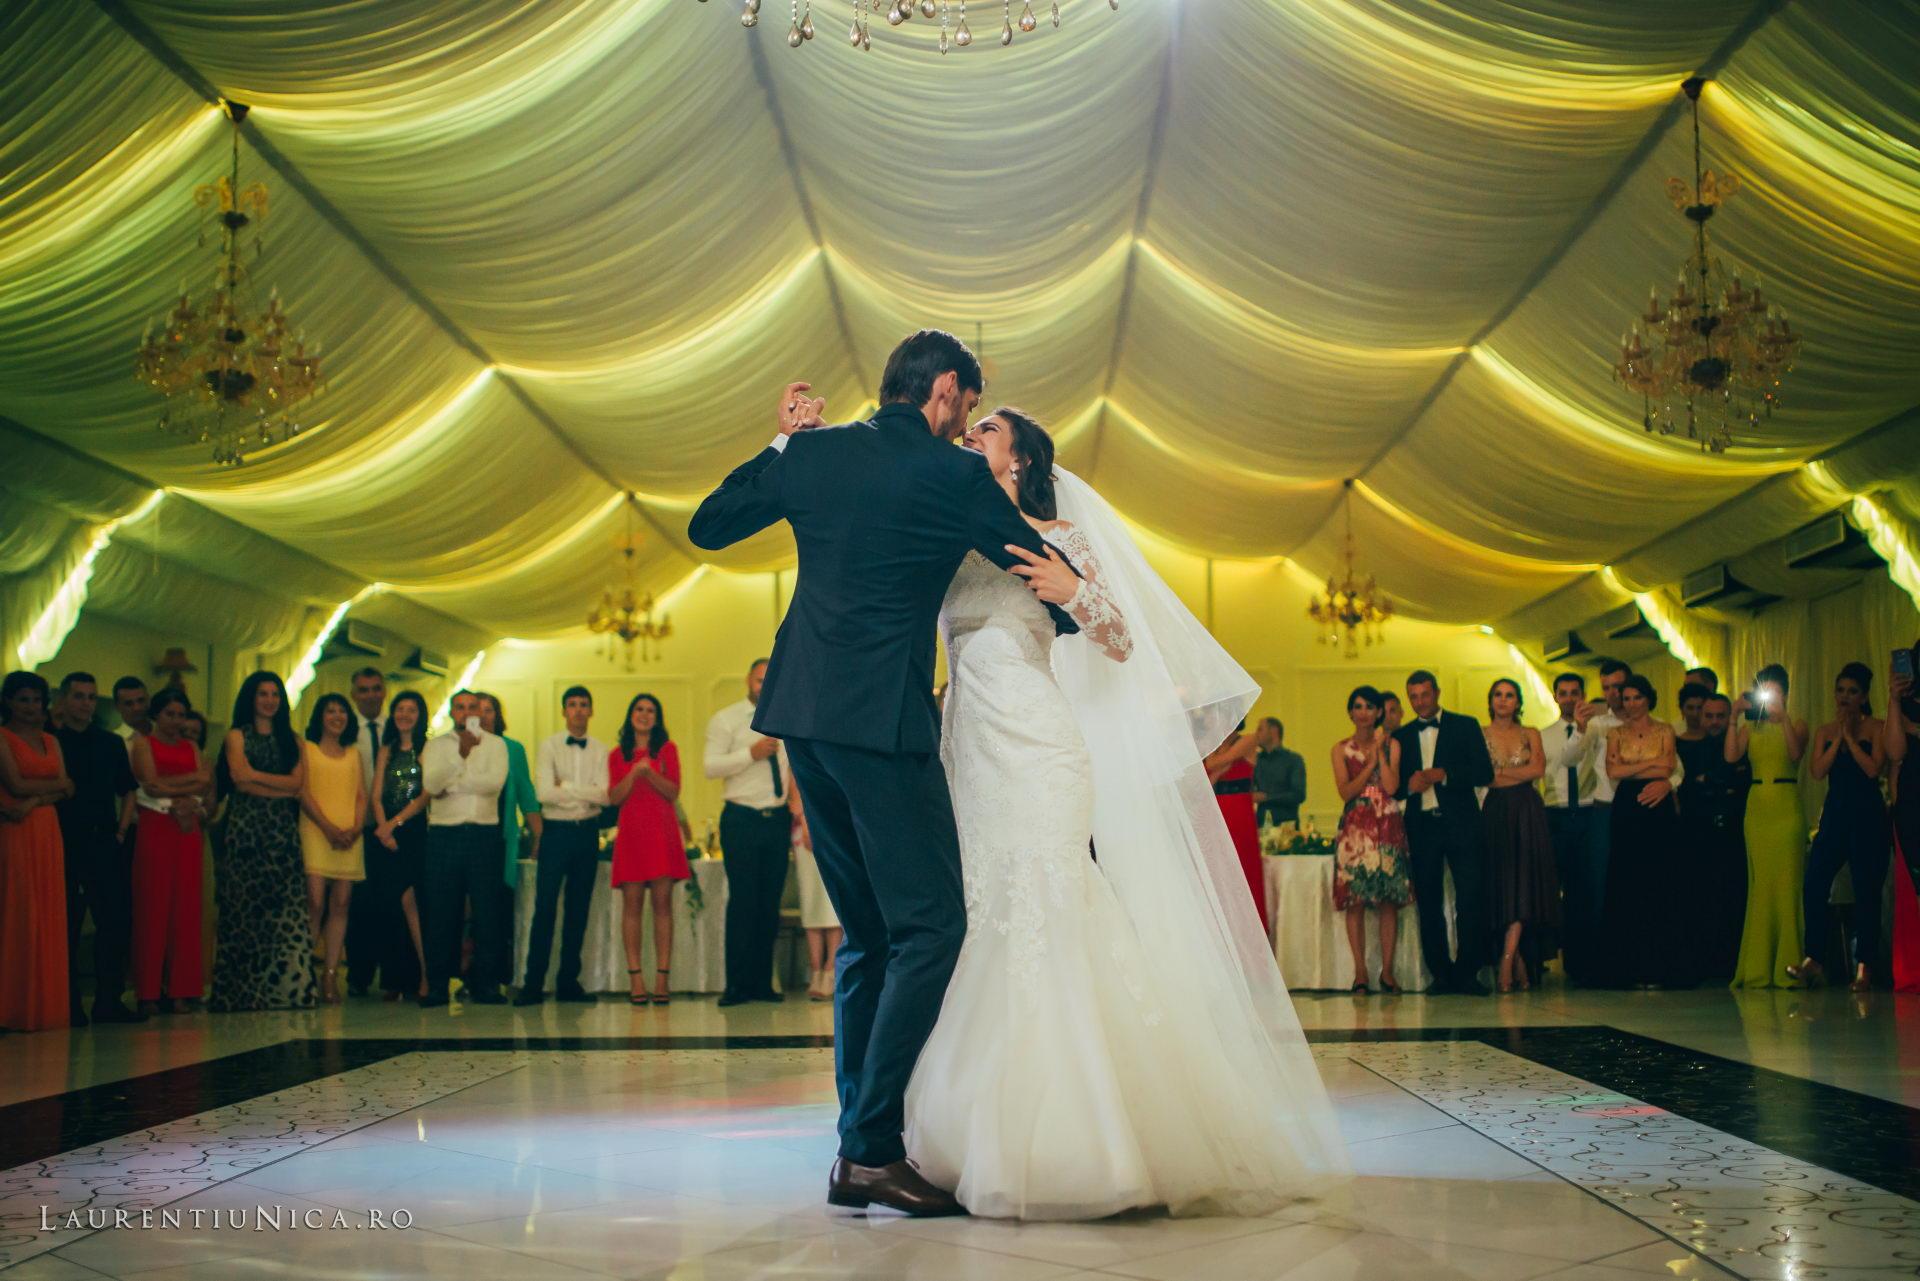 Cristina si Ovidiu nunta Craiova fotograf laurentiu nica 125 - Cristina & Ovidiu | Fotografii nunta | Craiova